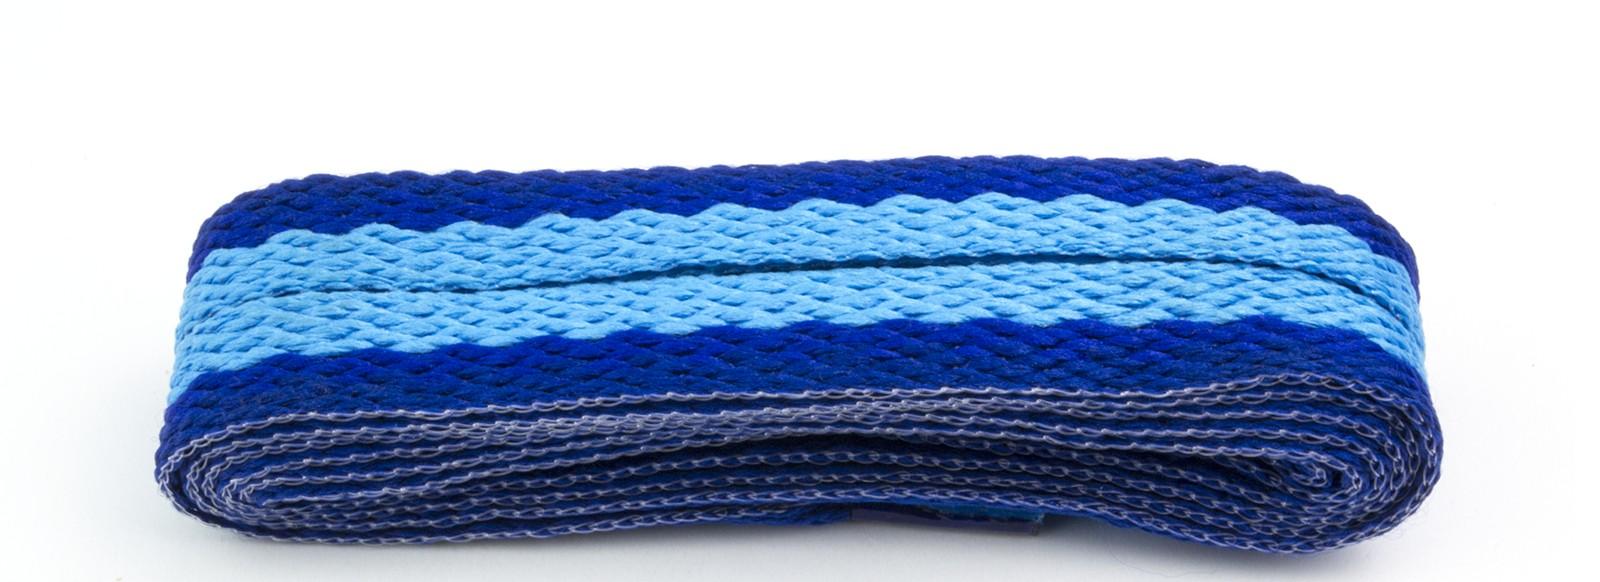 Sneaker 114cm Blue/navy Stripe